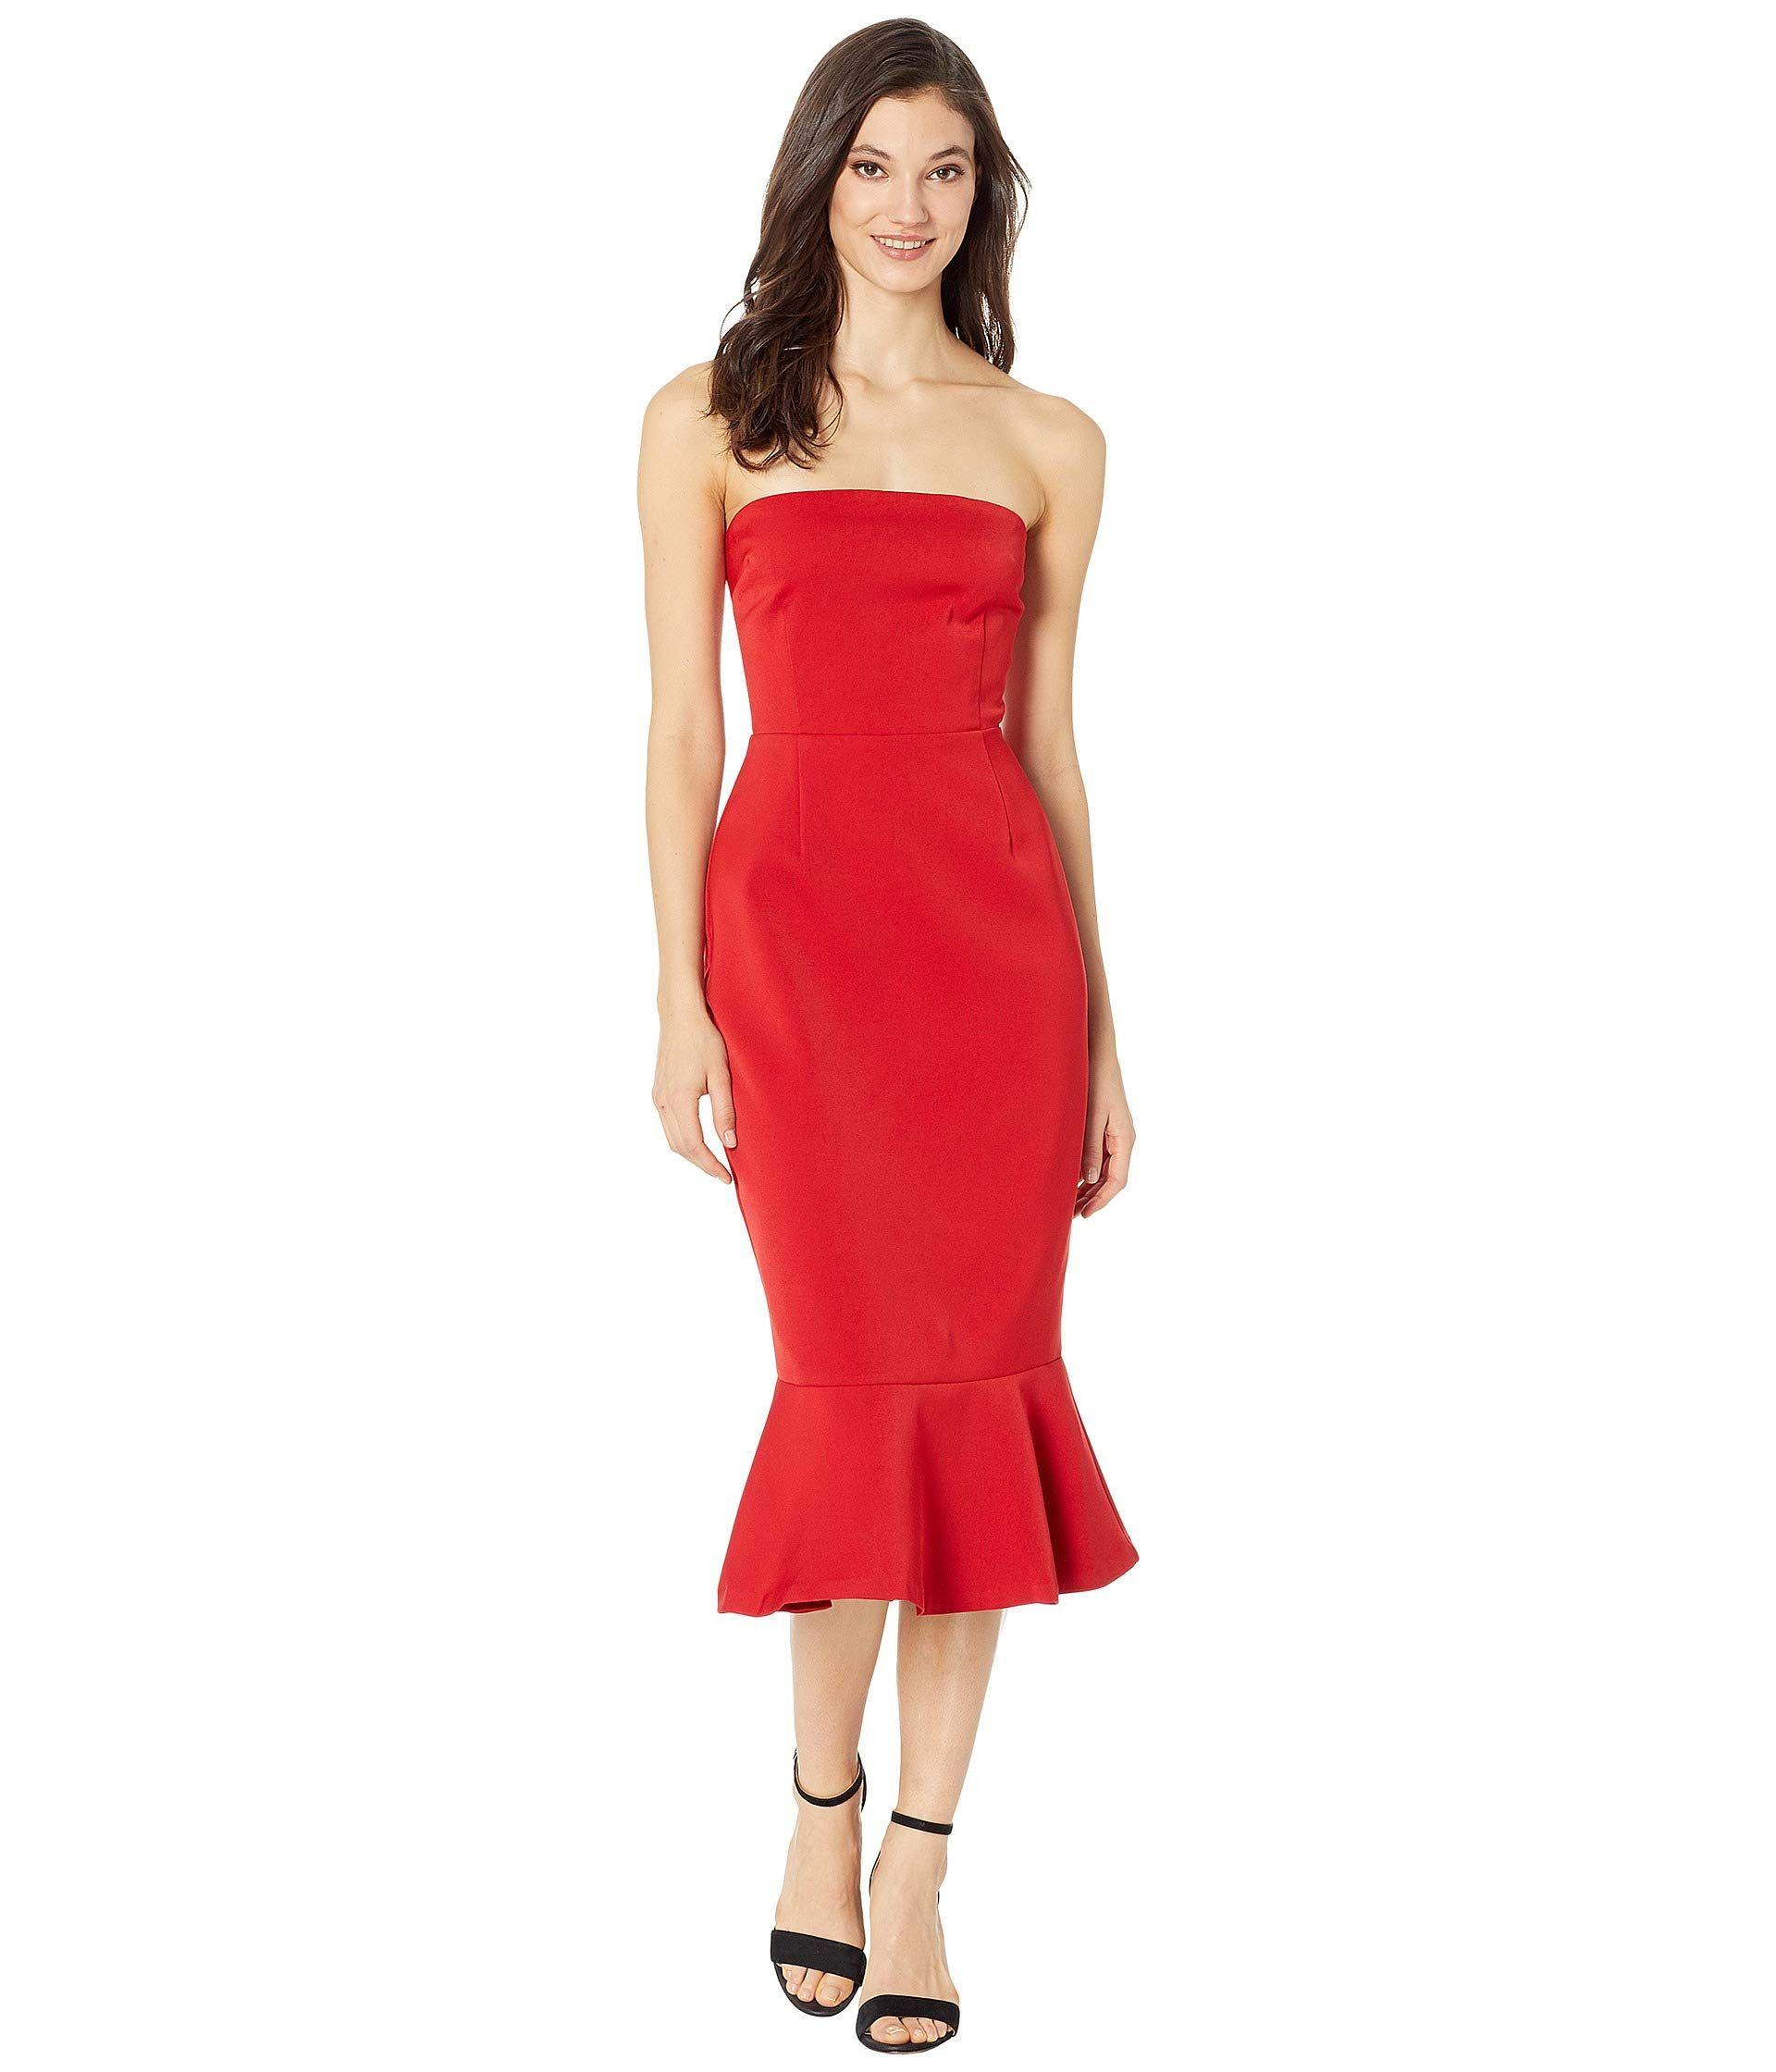 Bb Dakota Light My Fire Strapless Dress At Zappos Com Dresses Twist Wrap Dress Twisted Dress [ 2240 x 1920 Pixel ]